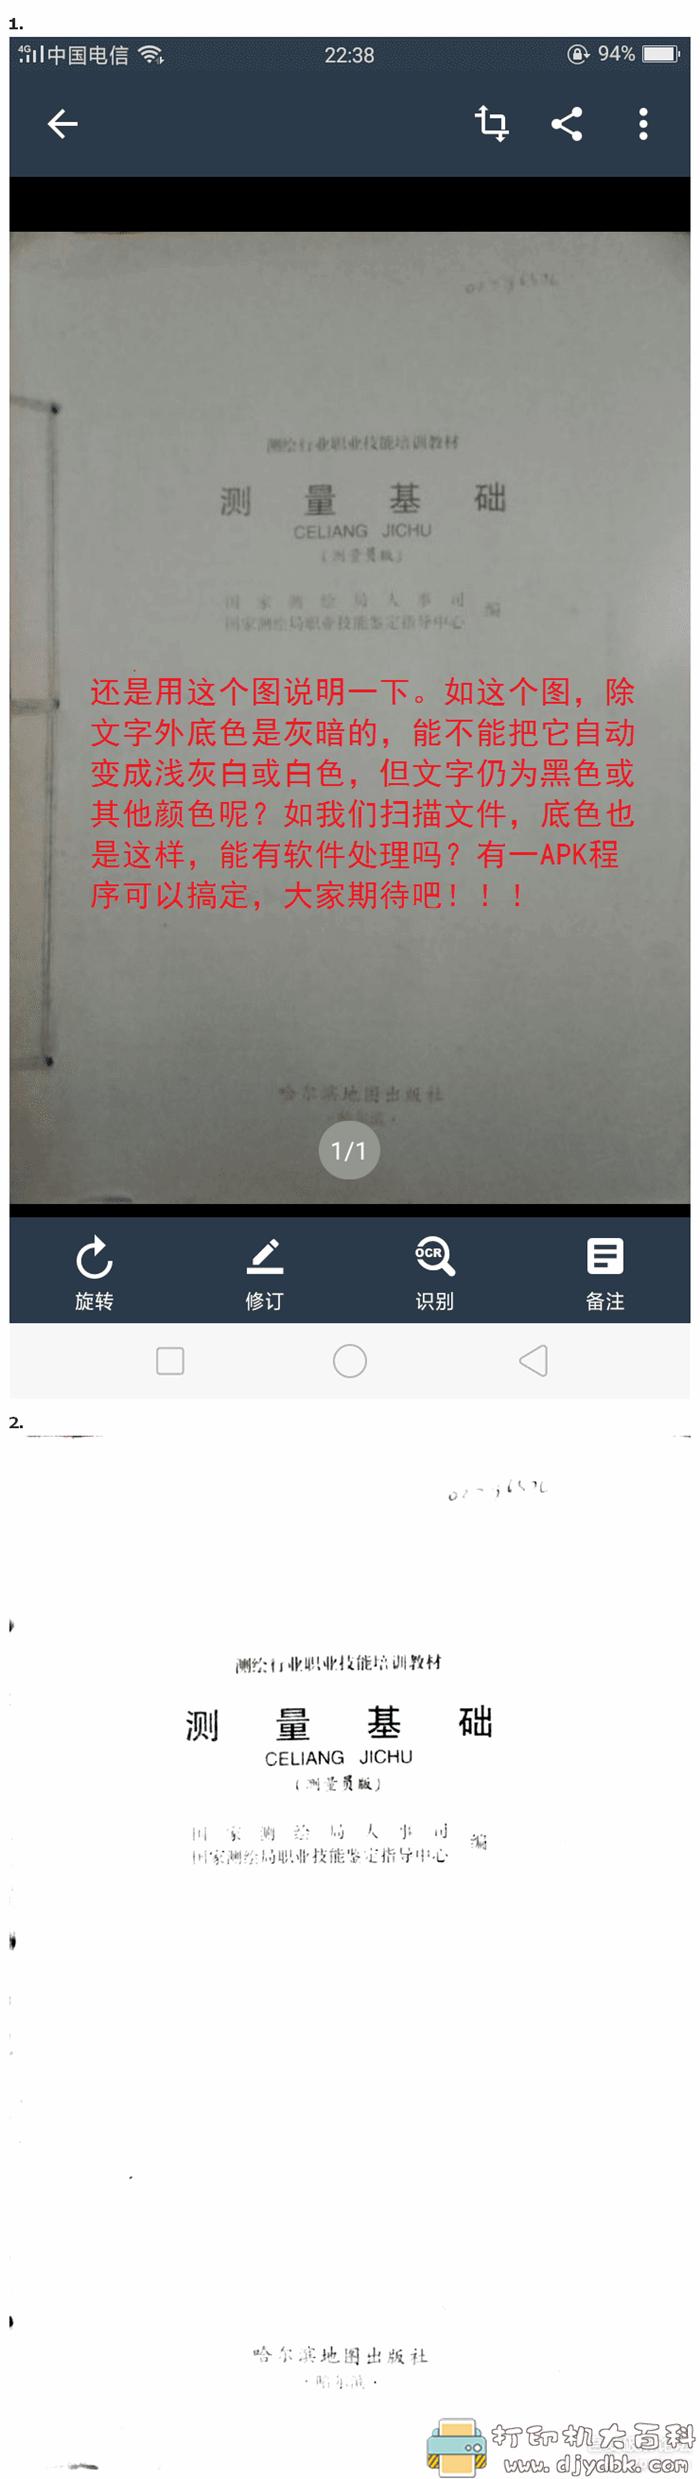 安卓 扫描全能王_6.8.6特别解锁版图片 No.5